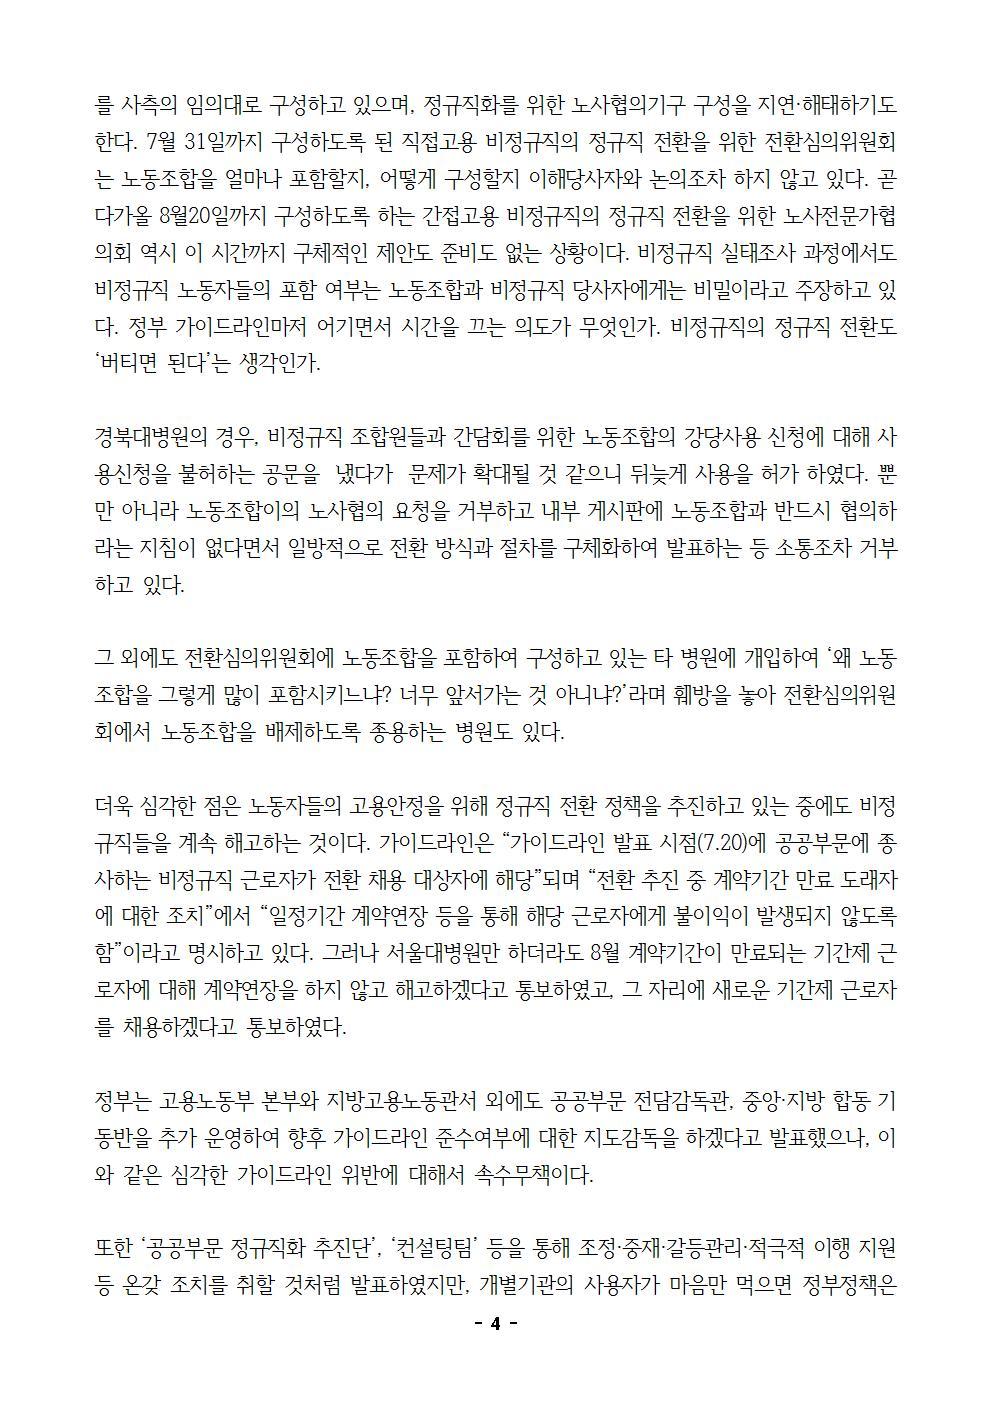 [기자회견문] 국립대병원 정규직전환004.jpg